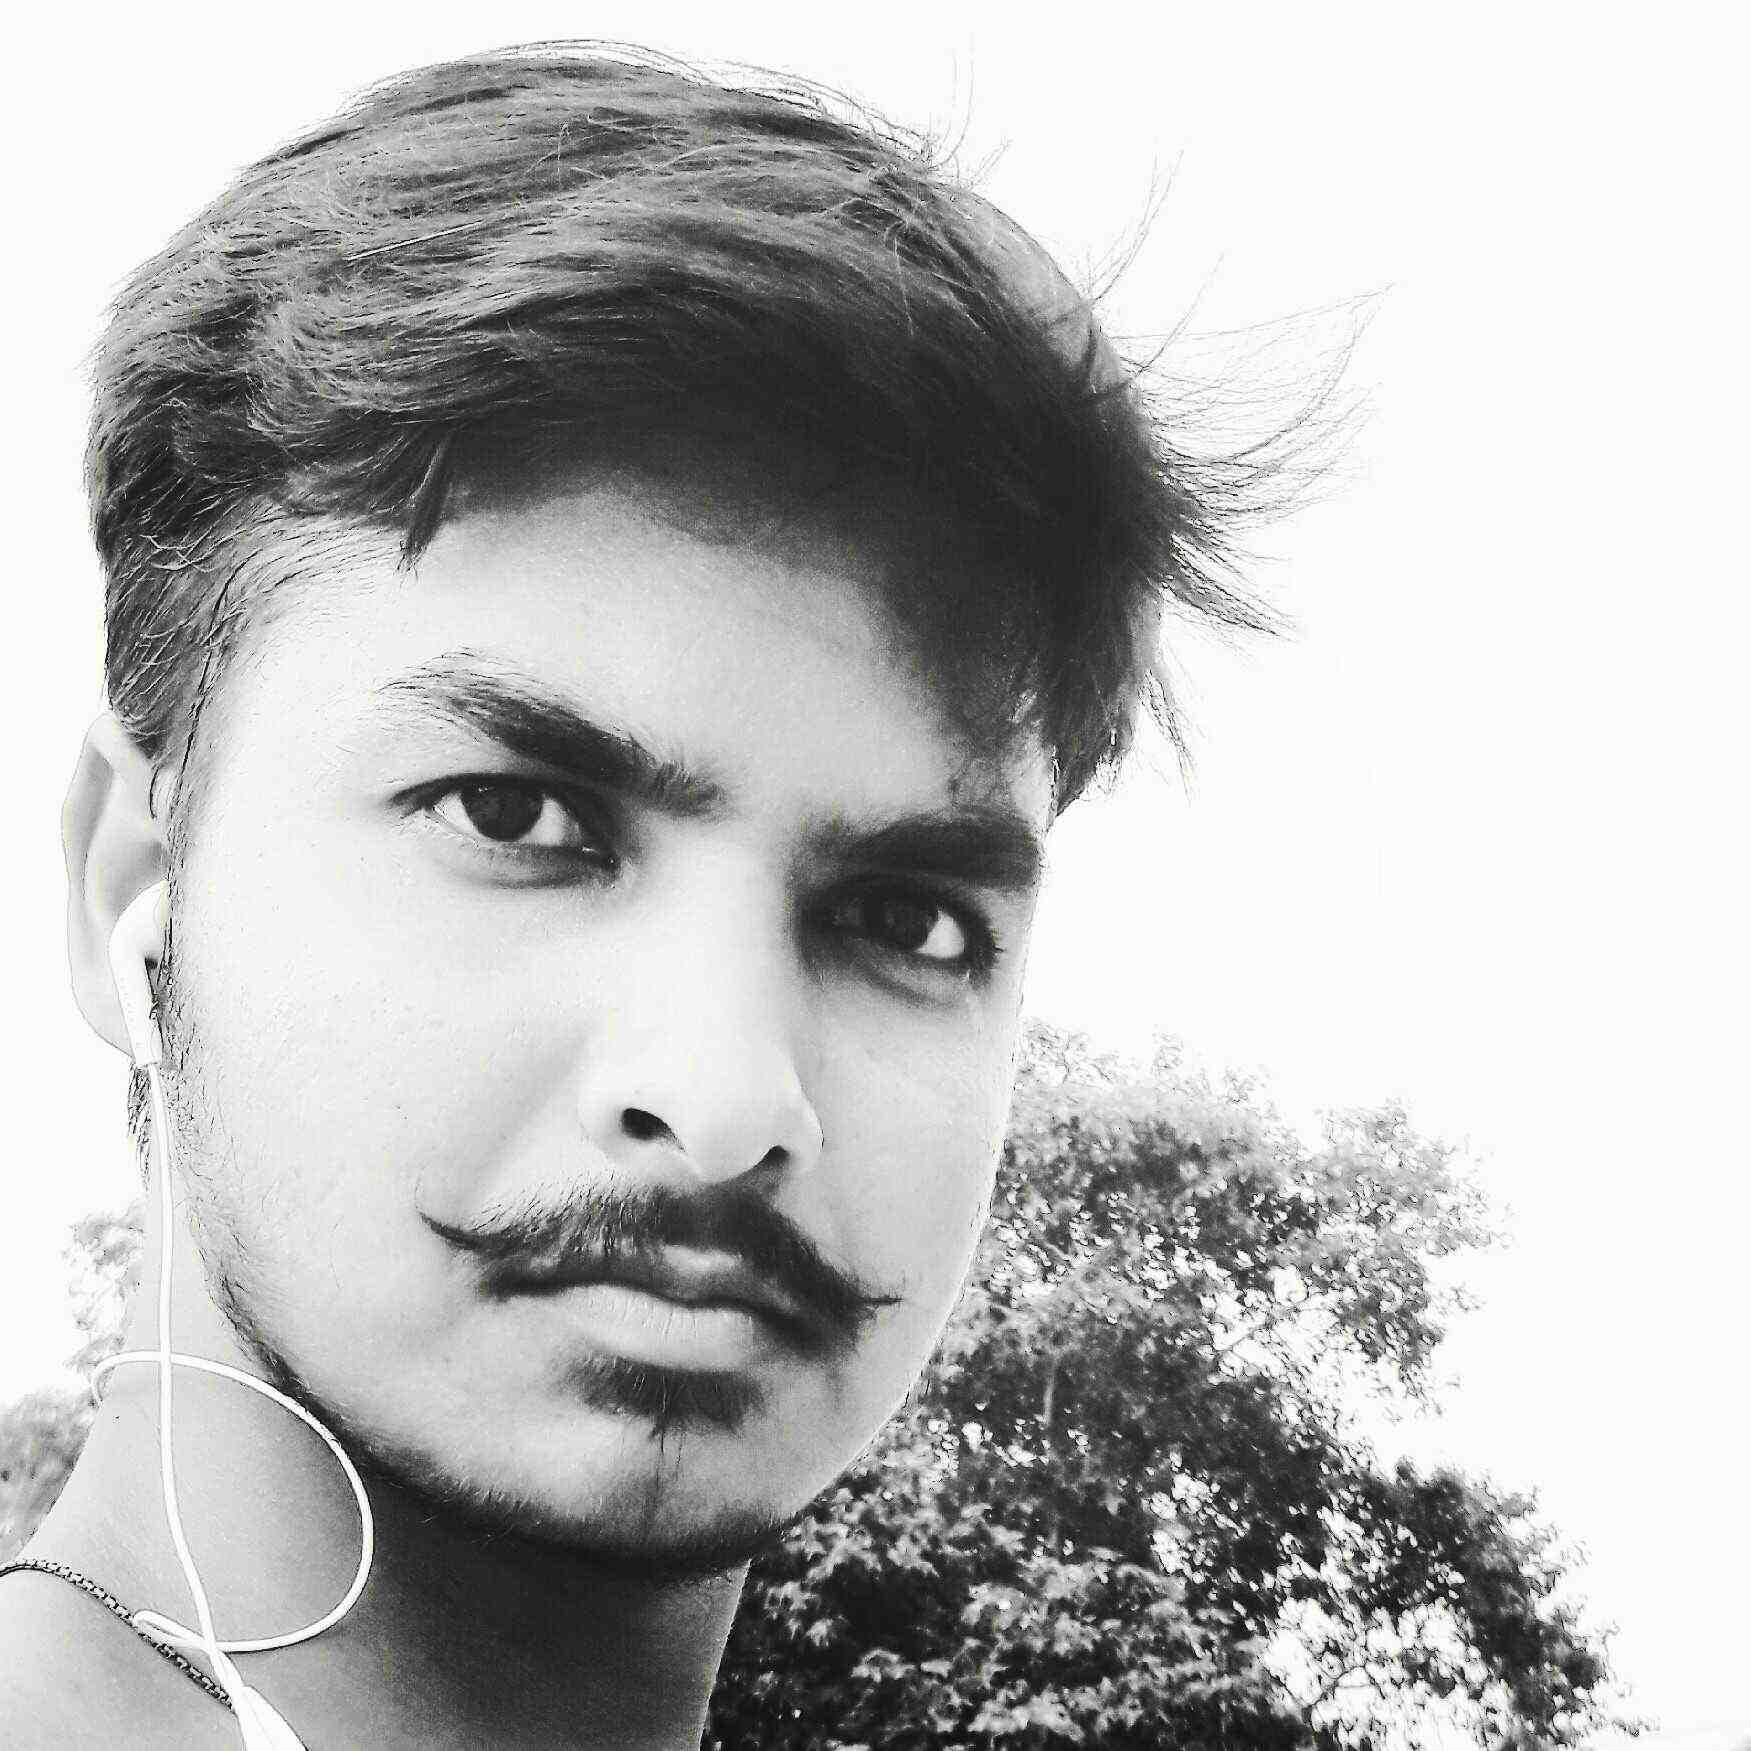 manish kumar like to write romantic poems